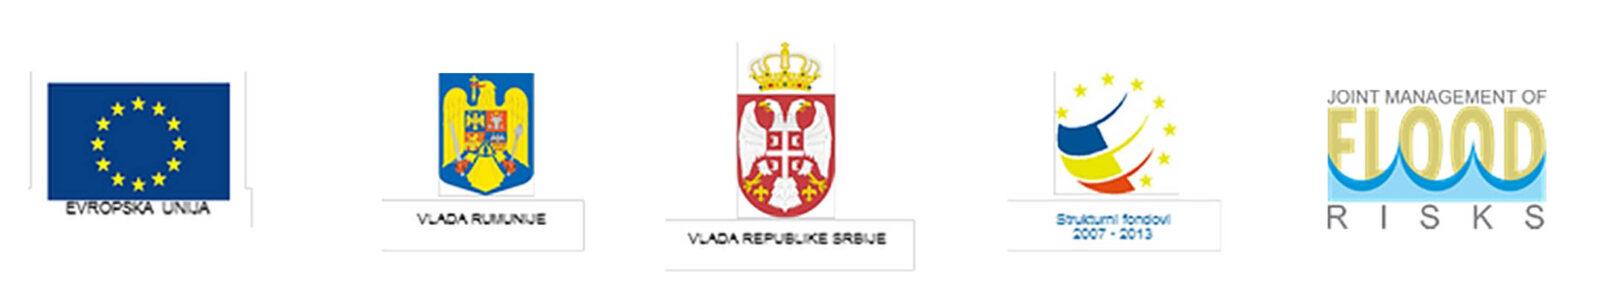 1-rcr-banat-logo